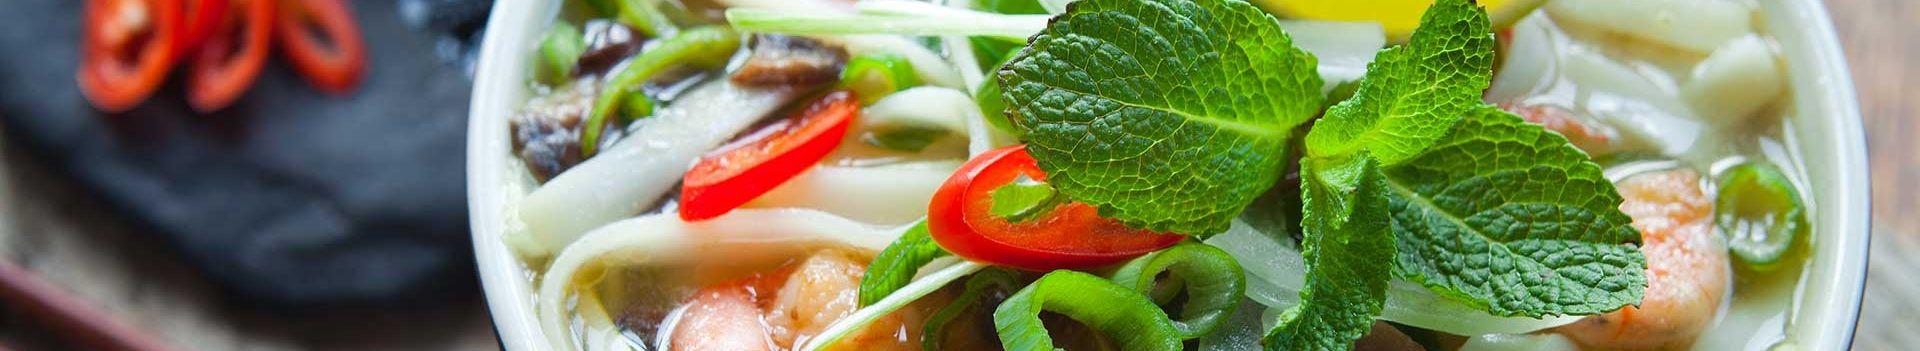 MaiVy Vietnam Restaurant Lieferservice in Wien